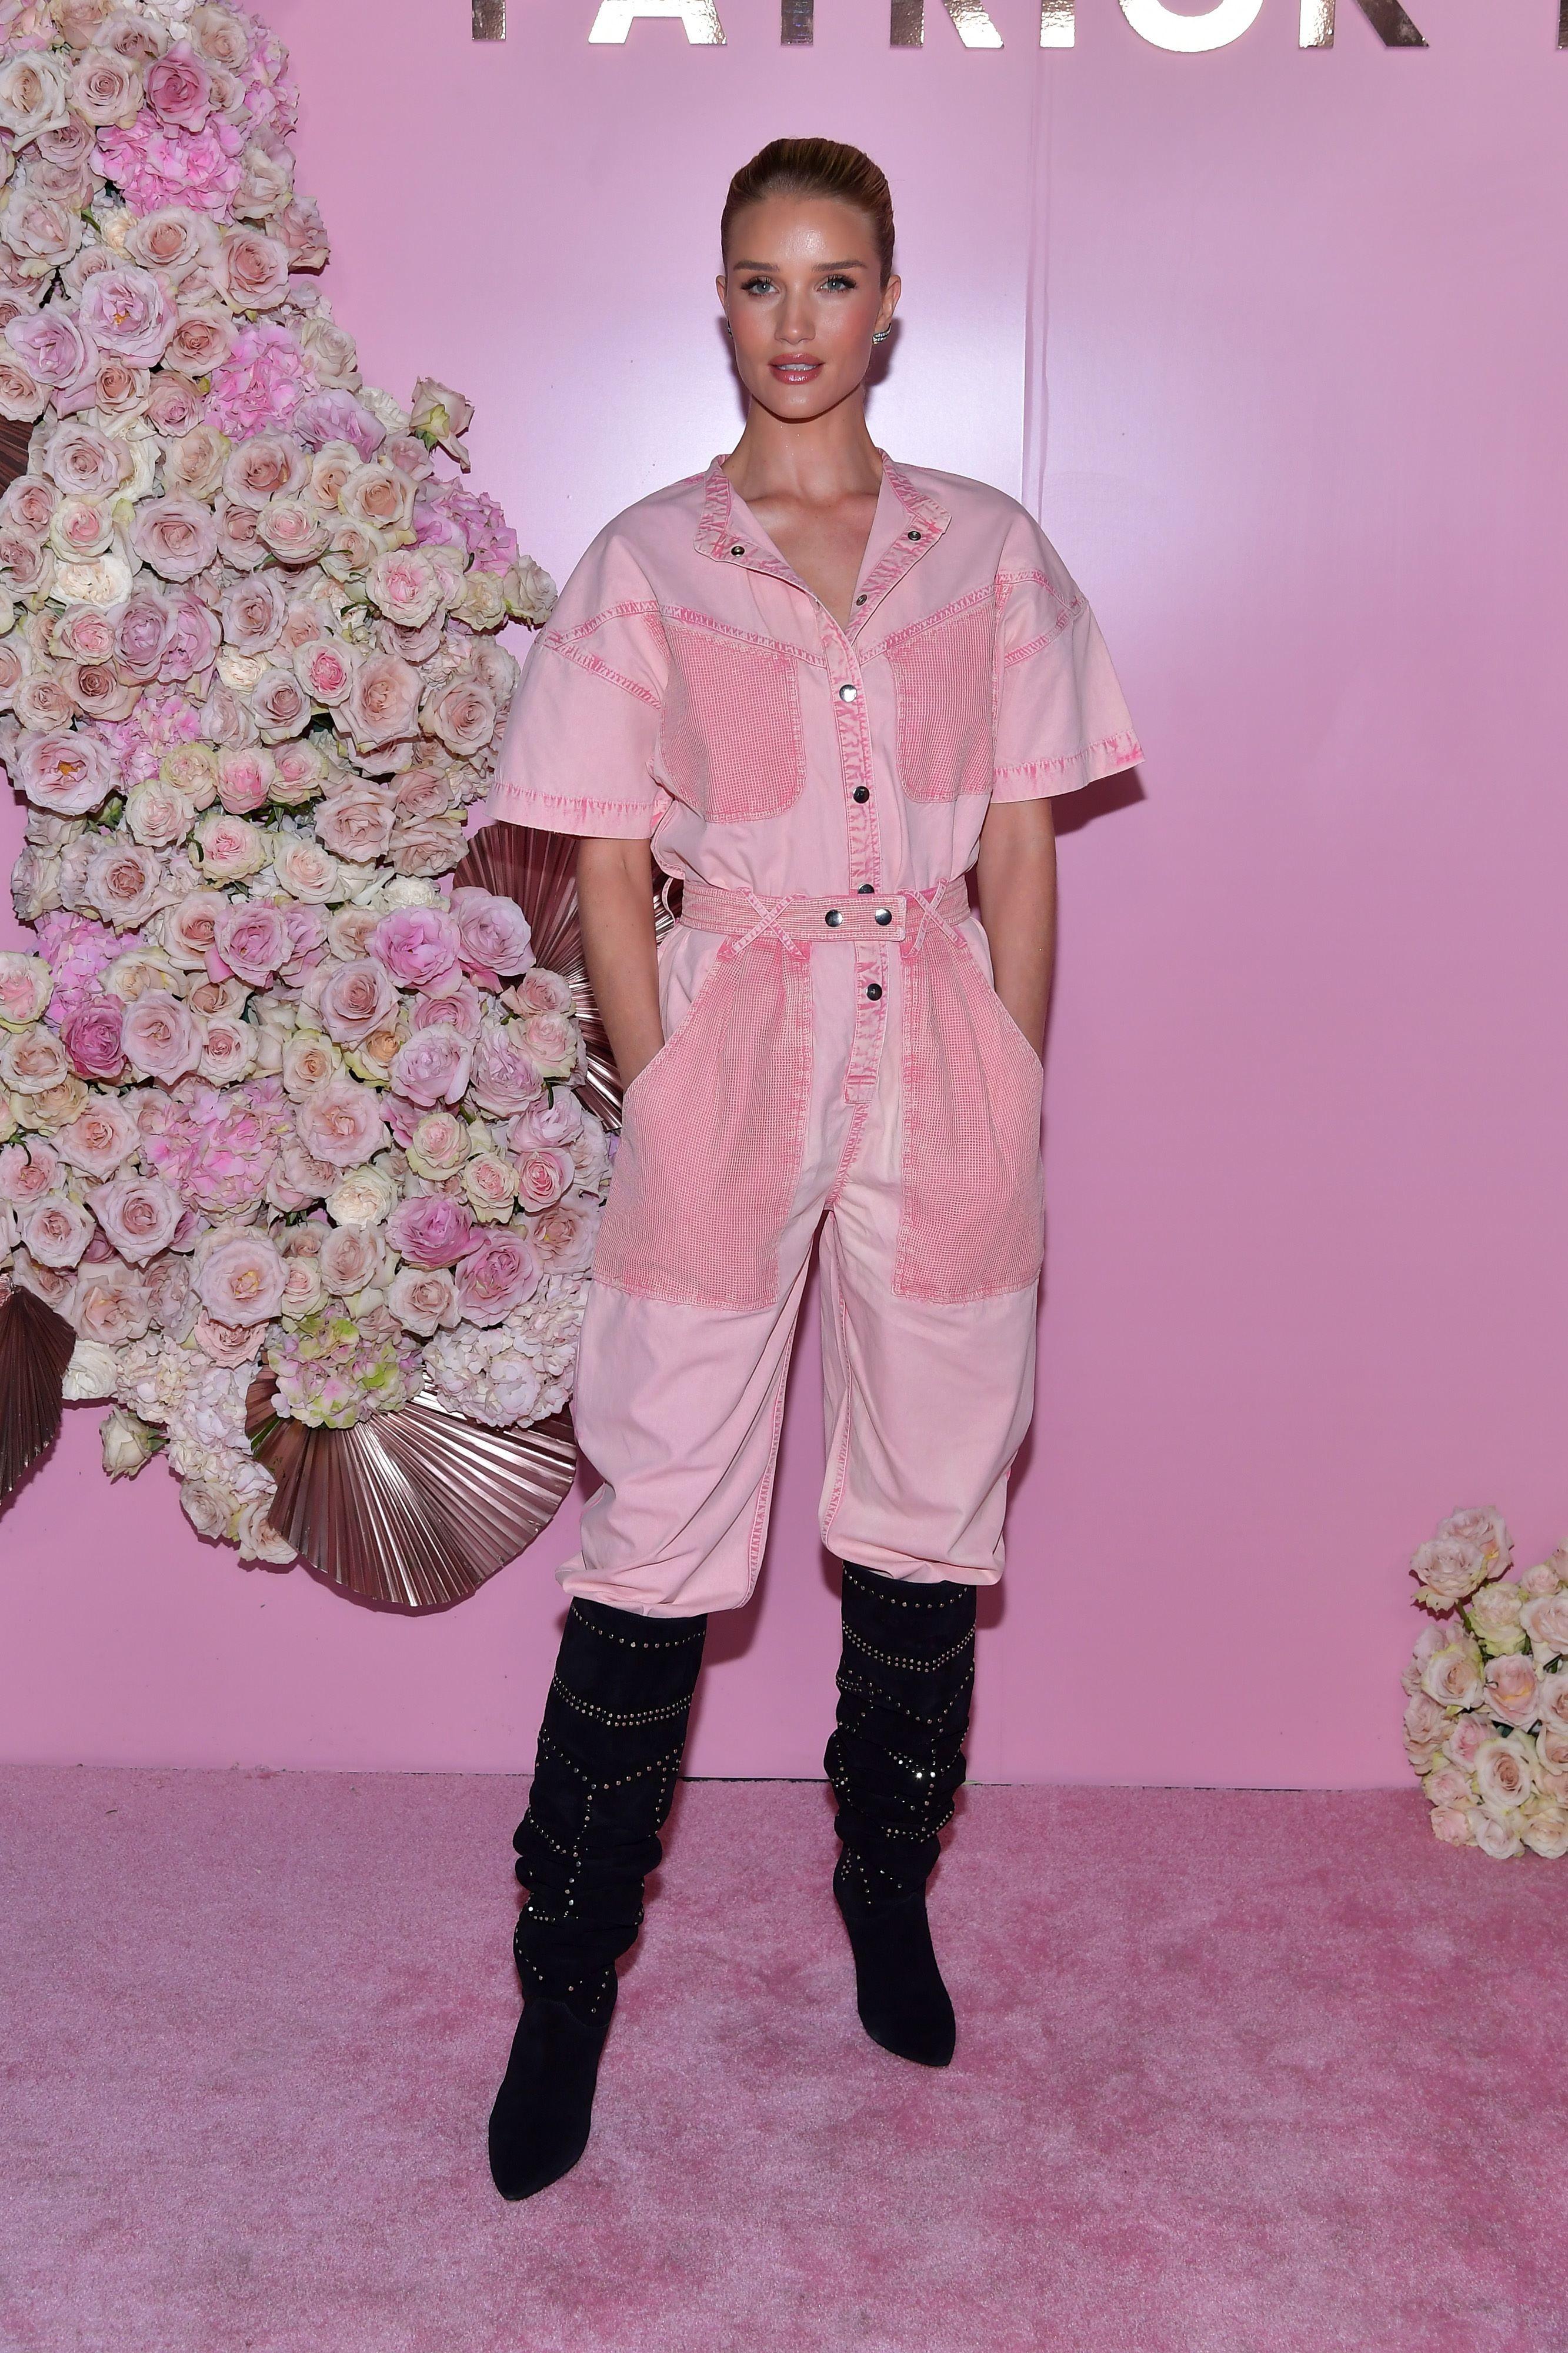 Стильний приклад від Роузі Гантінгтон-Вайтлі: як носити комбінезон-спецодяг